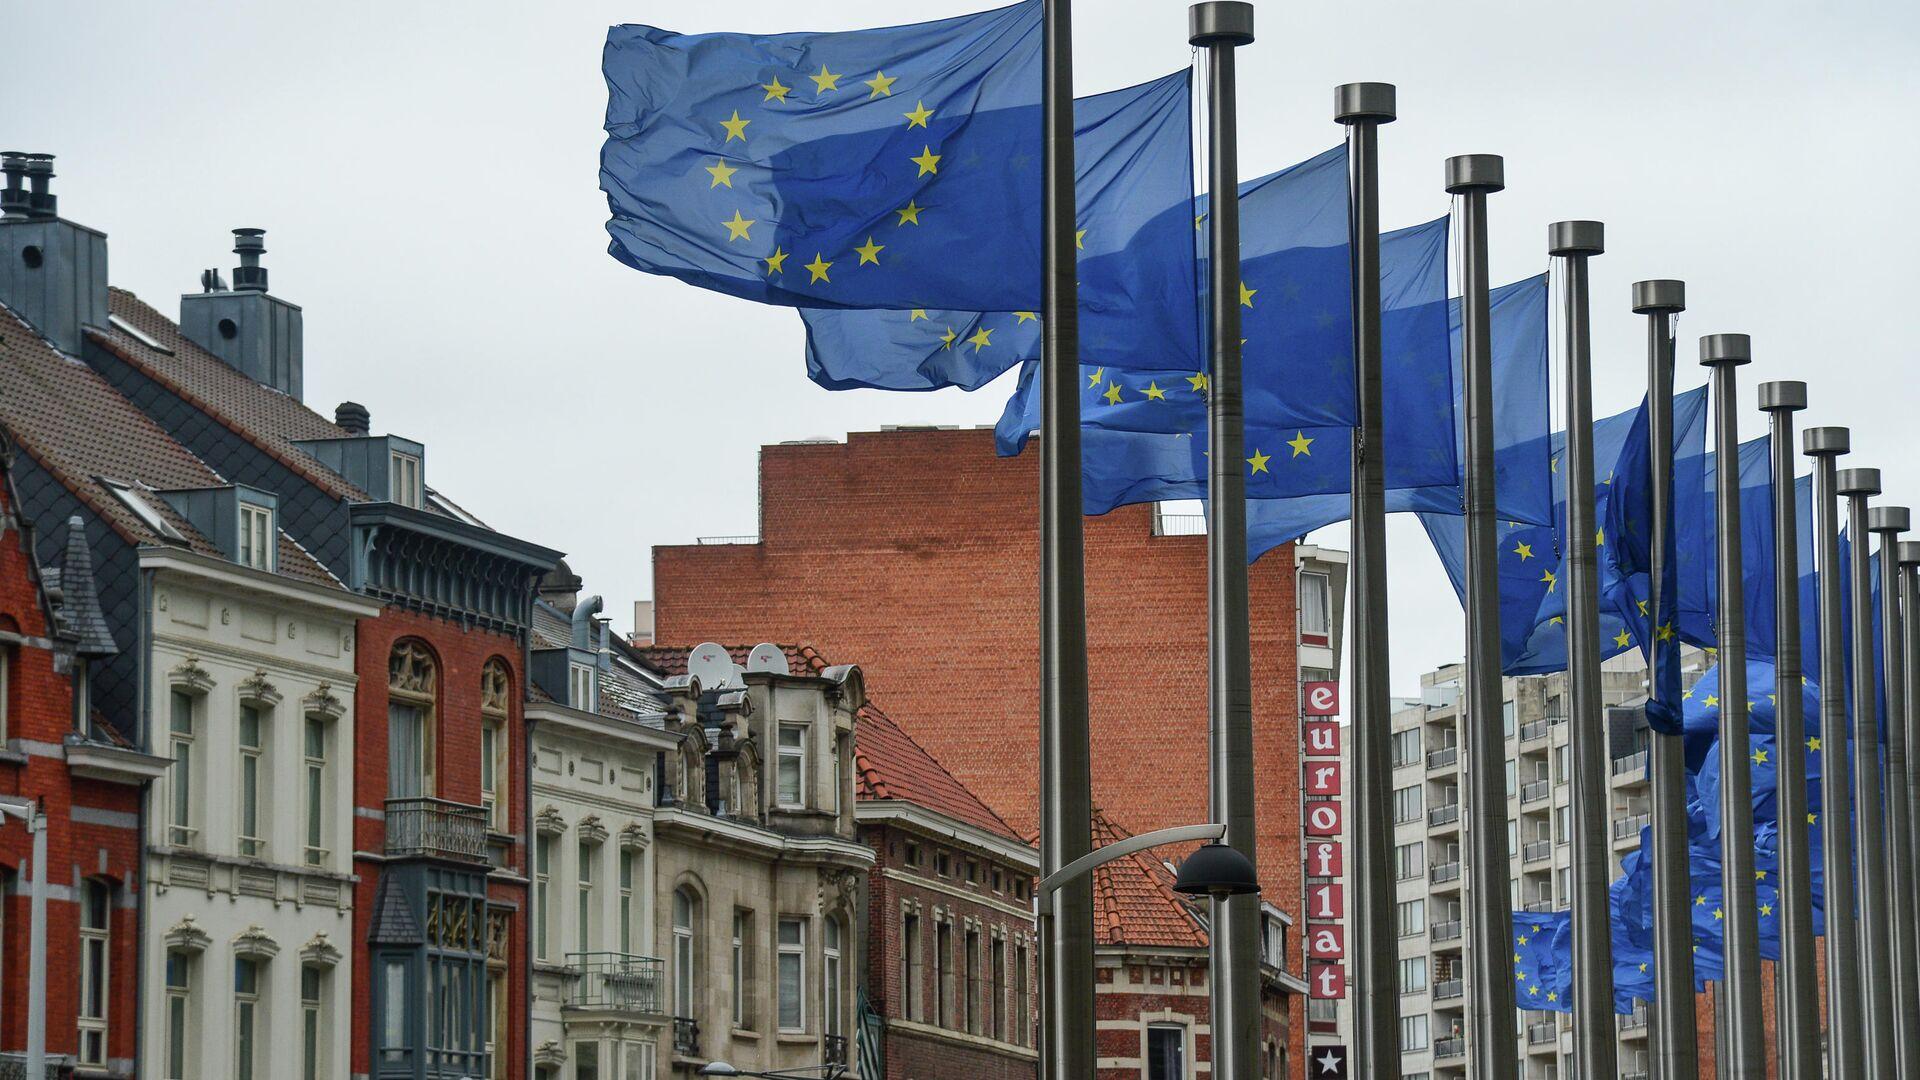 Флаги с символикой Евросоюза у здания Еврокомиссии в Брюсселе - РИА Новости, 1920, 09.08.2021